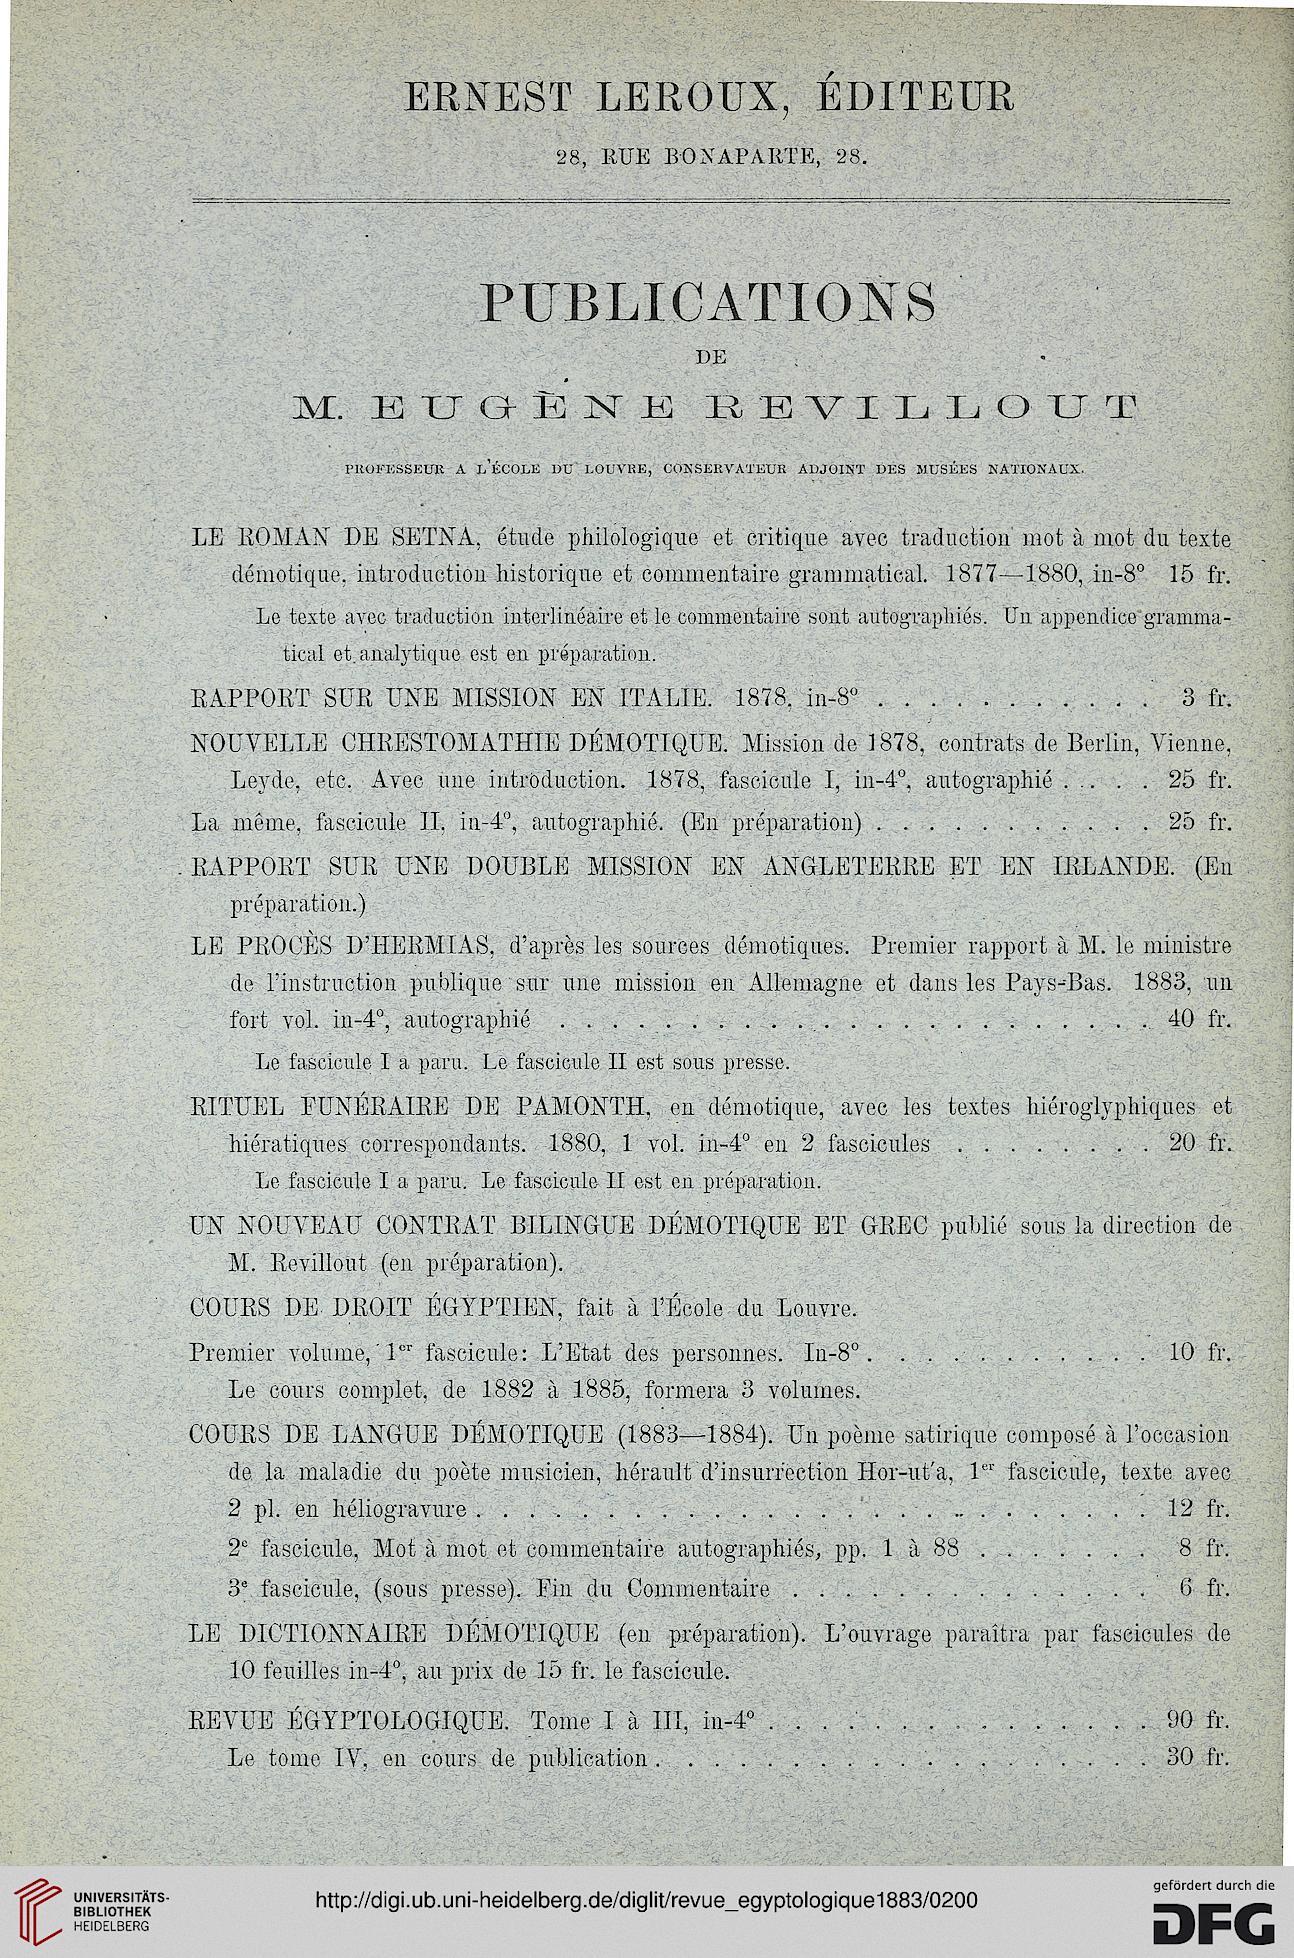 Revue Egyptologique 3 1883